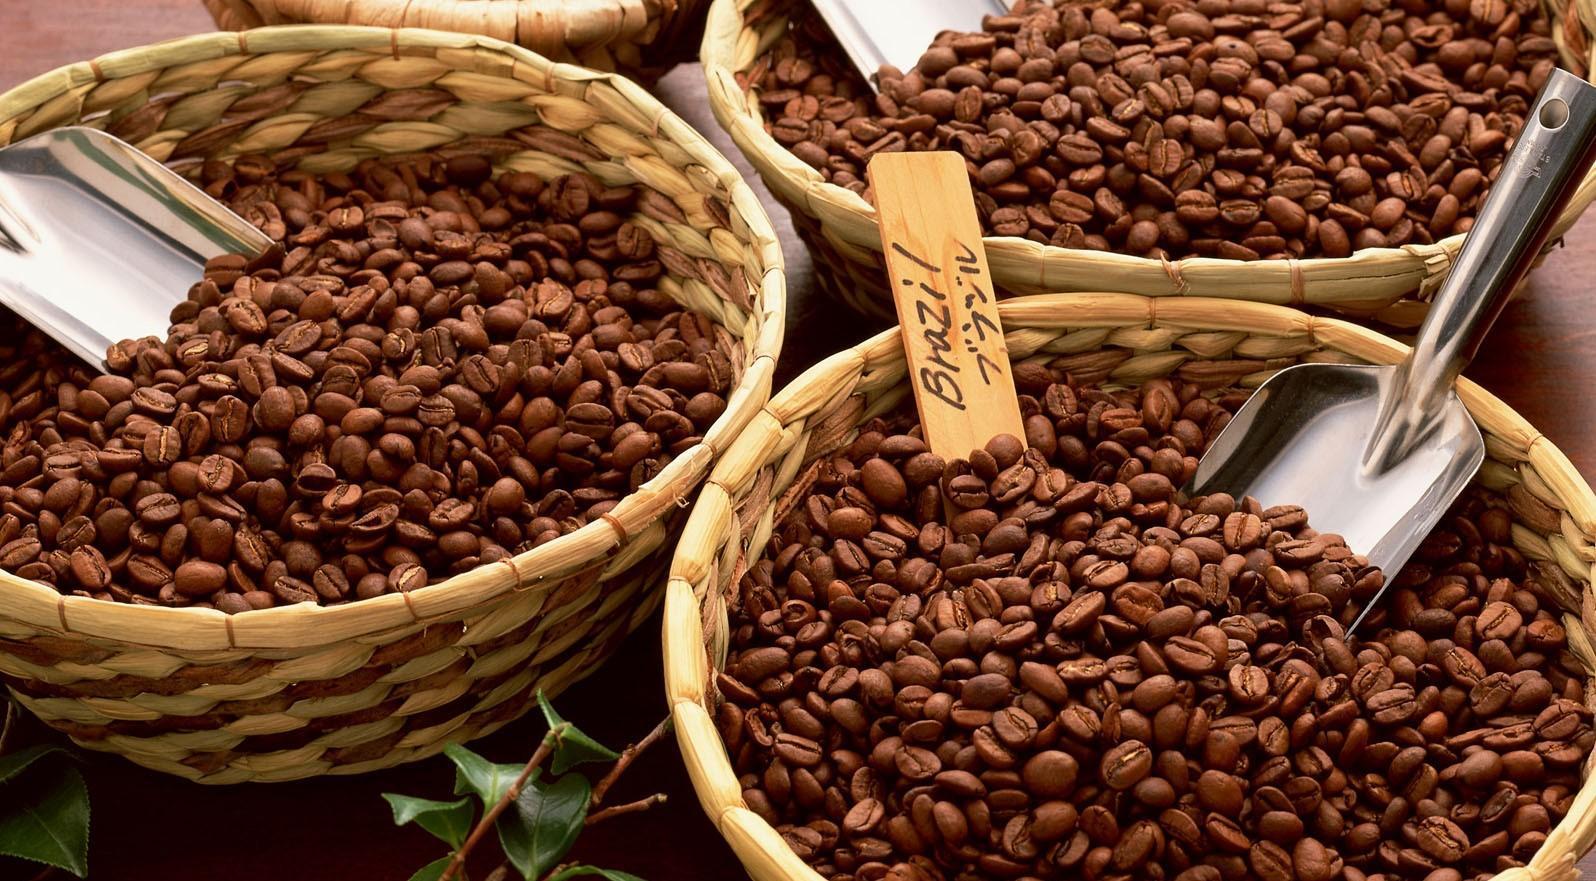 quy trình tạo ra cà phê nguyên chất như thế nào